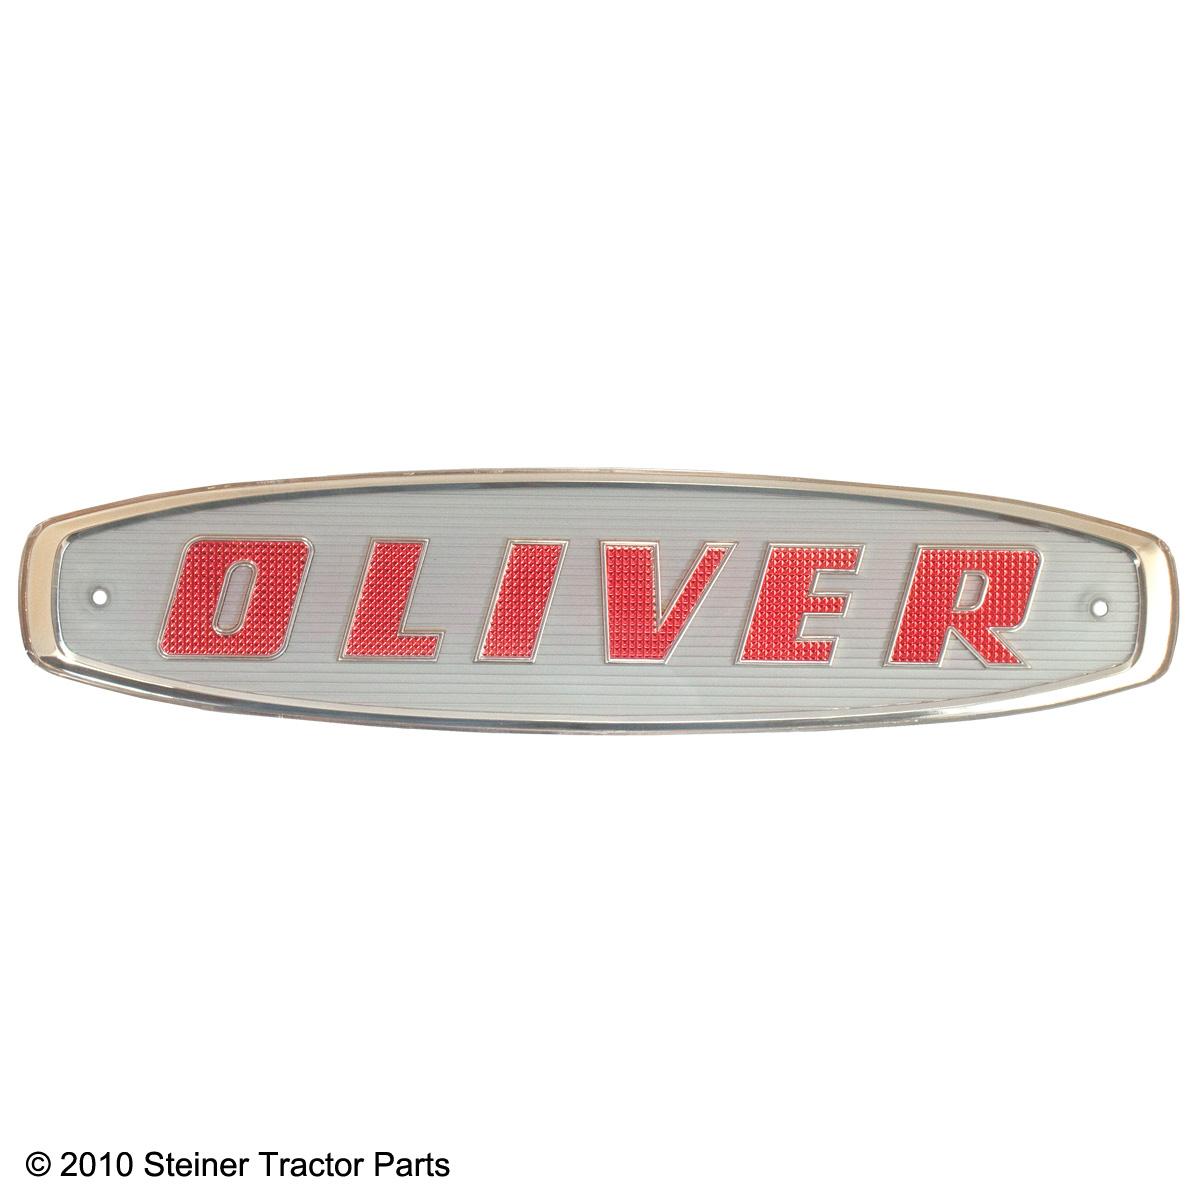 Oliver 770 3 Point Hitch : Front emblem oliver  and